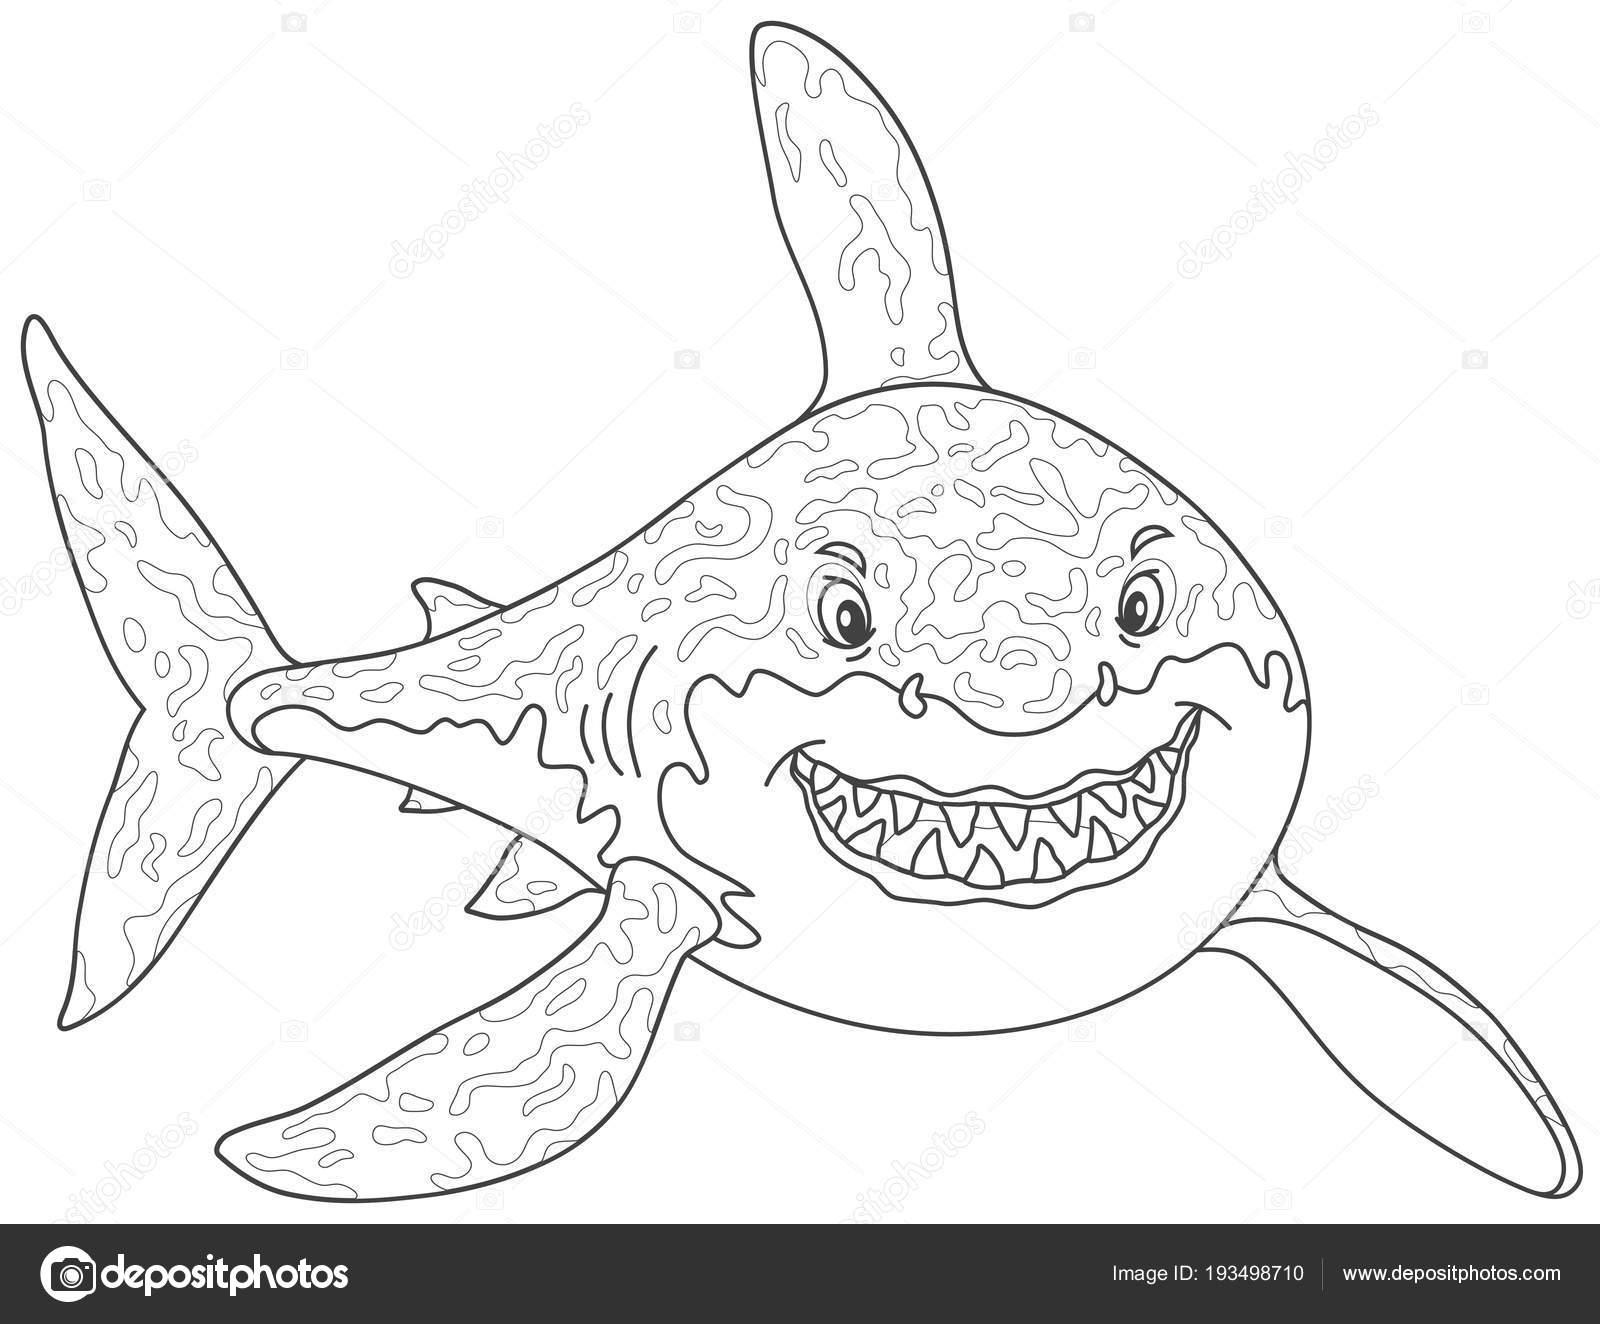 Freundlich Lächelnd Weiße Hai Angreifen Schwarz Weiß Vektor ...